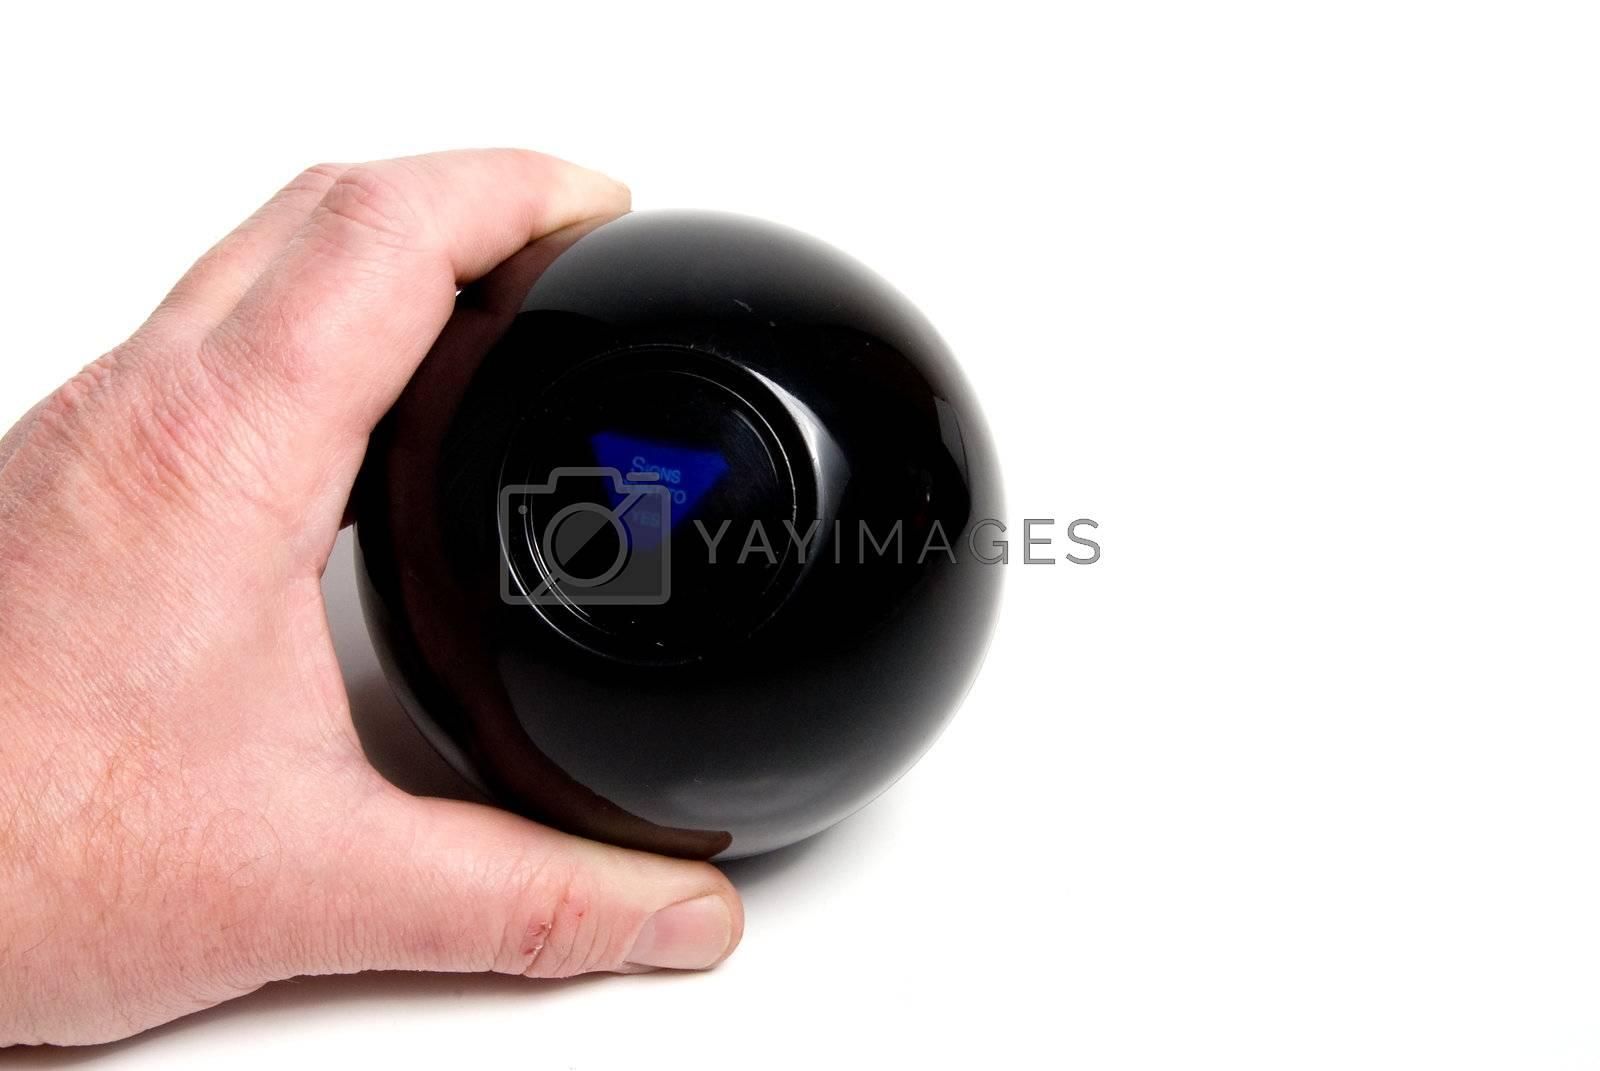 A person using a magic ball to predict the future.